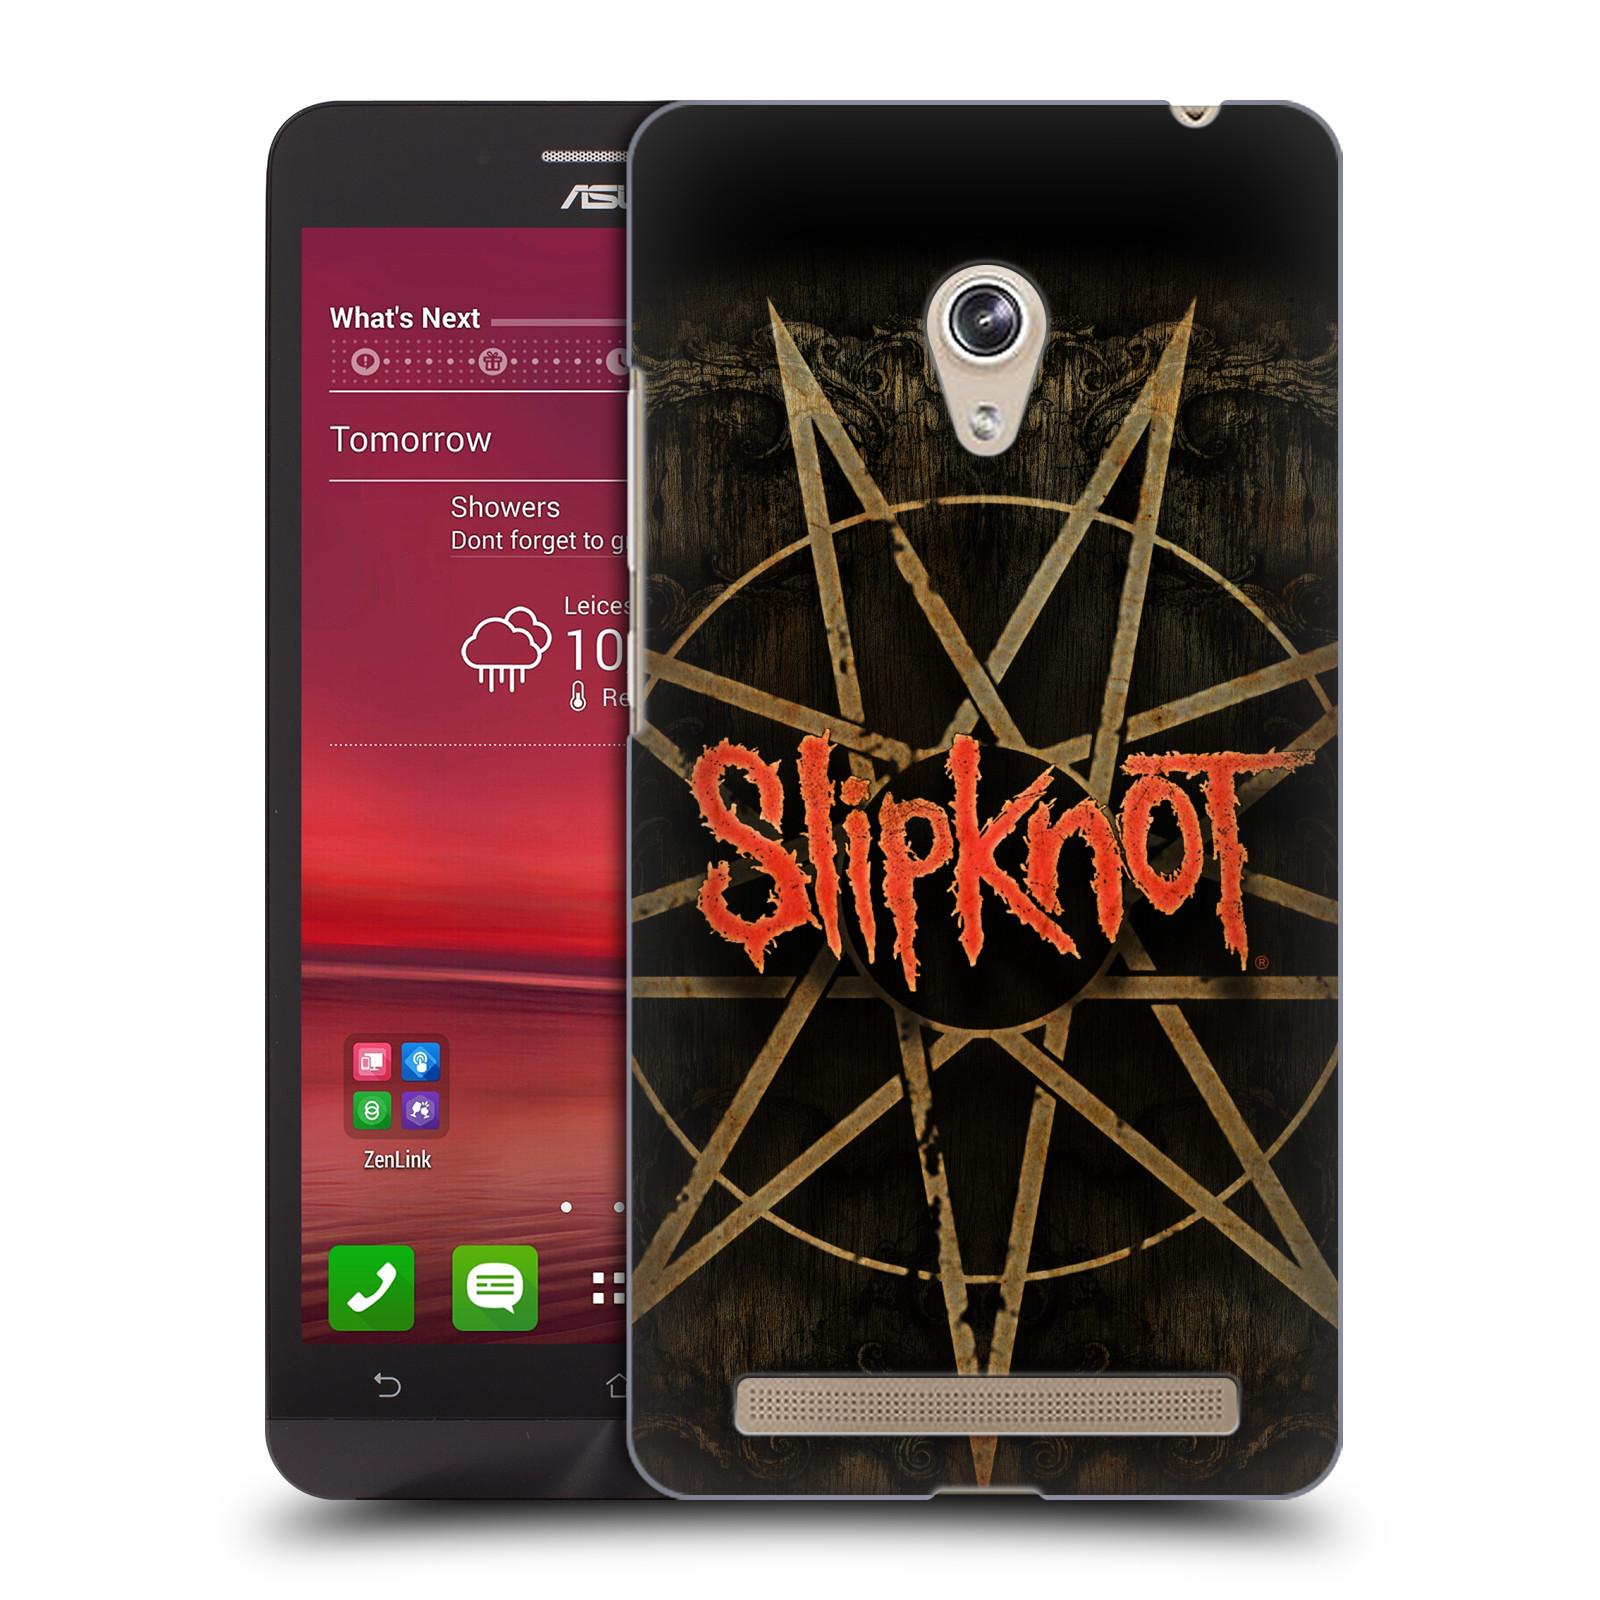 Plastové pouzdro na mobil Asus Zenfone 6 HEAD CASE Slipknot - Znak (Plastový kryt či obal na mobilní telefon licencovaným motivem Slipknot pro Asus Zenfone 6 A600CG / A601CG)